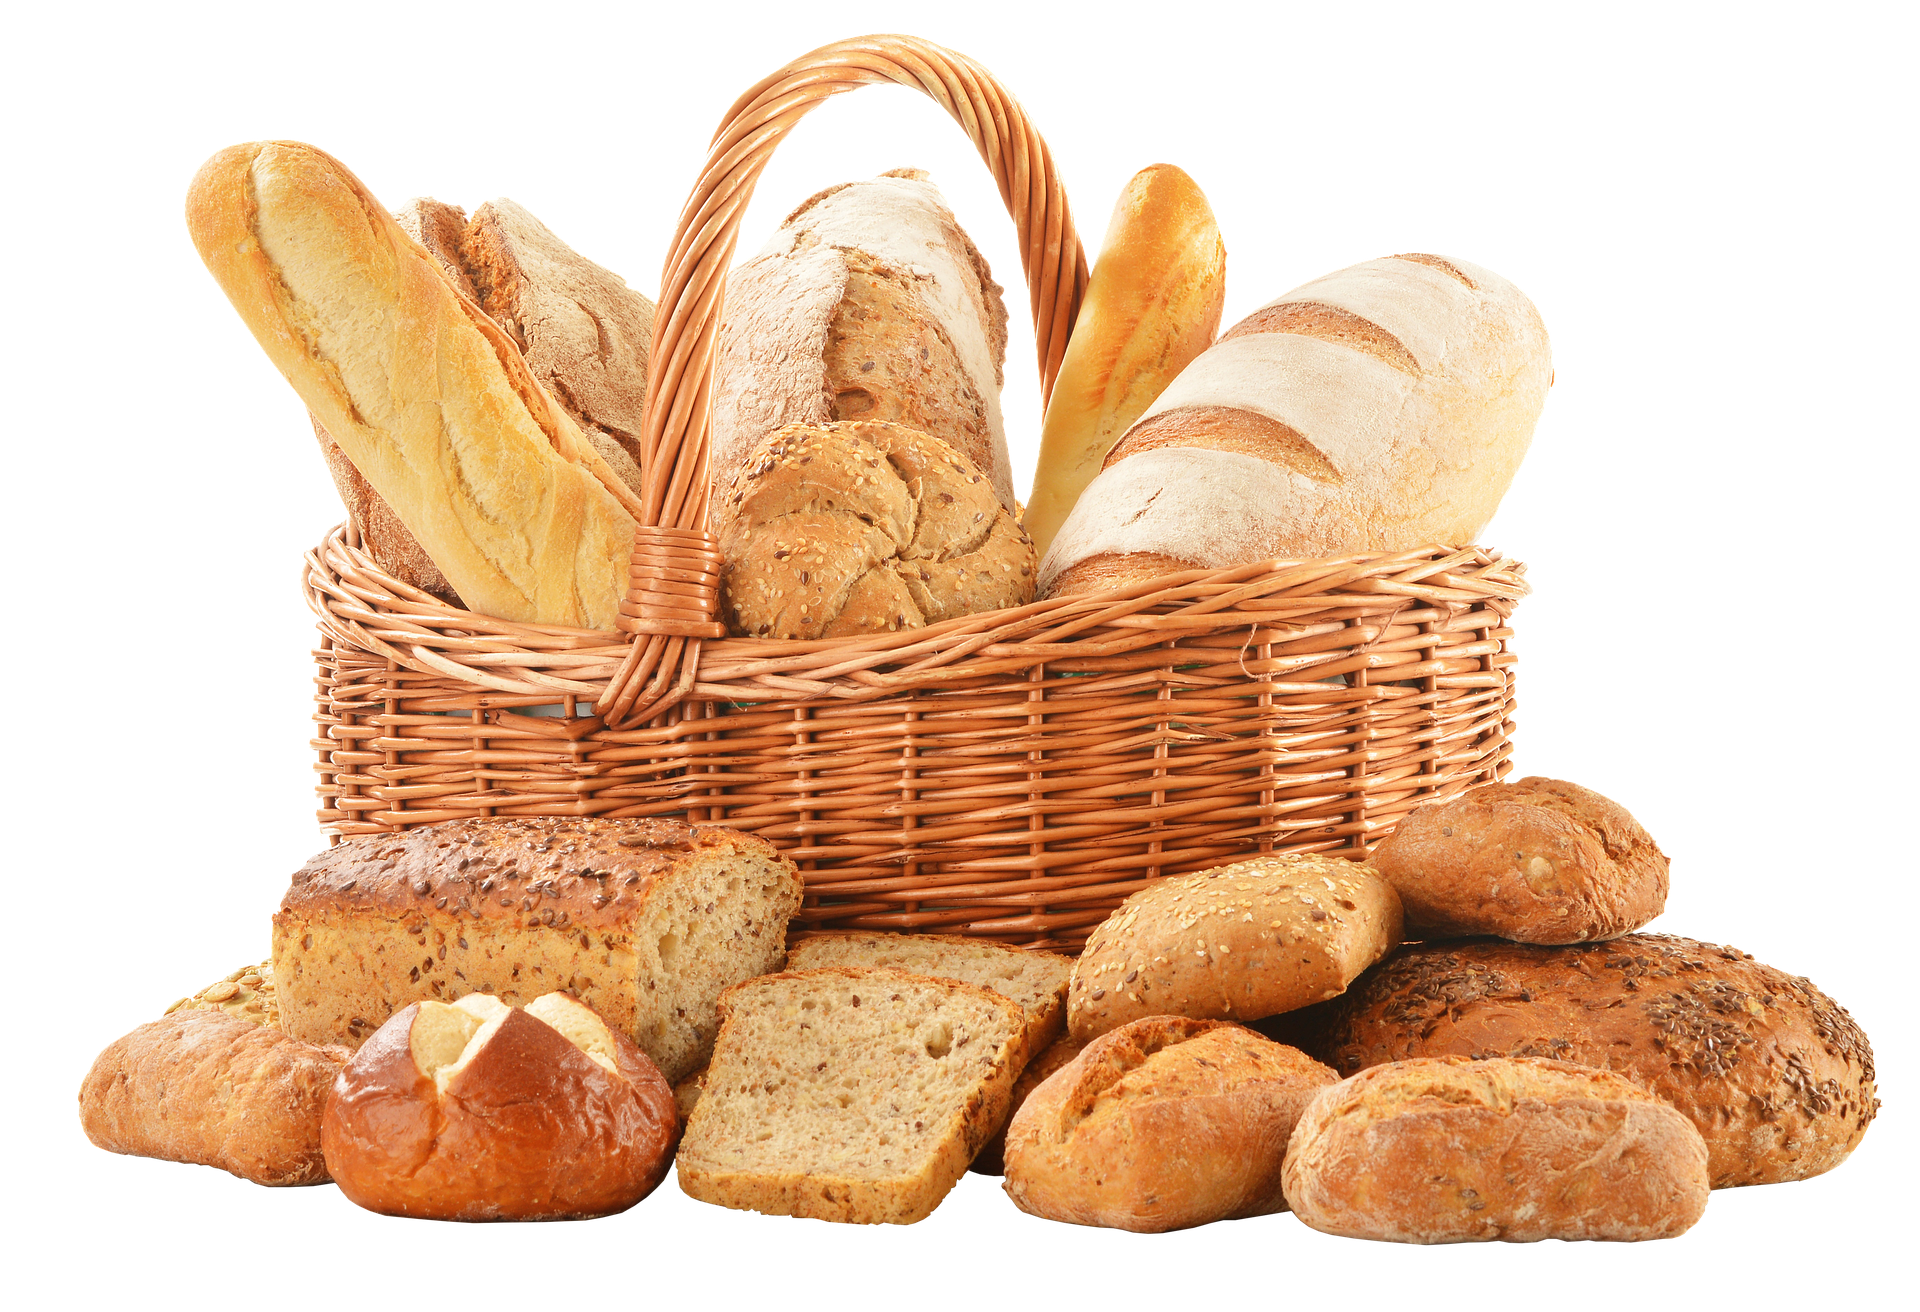 breadbasket-2705179_1920